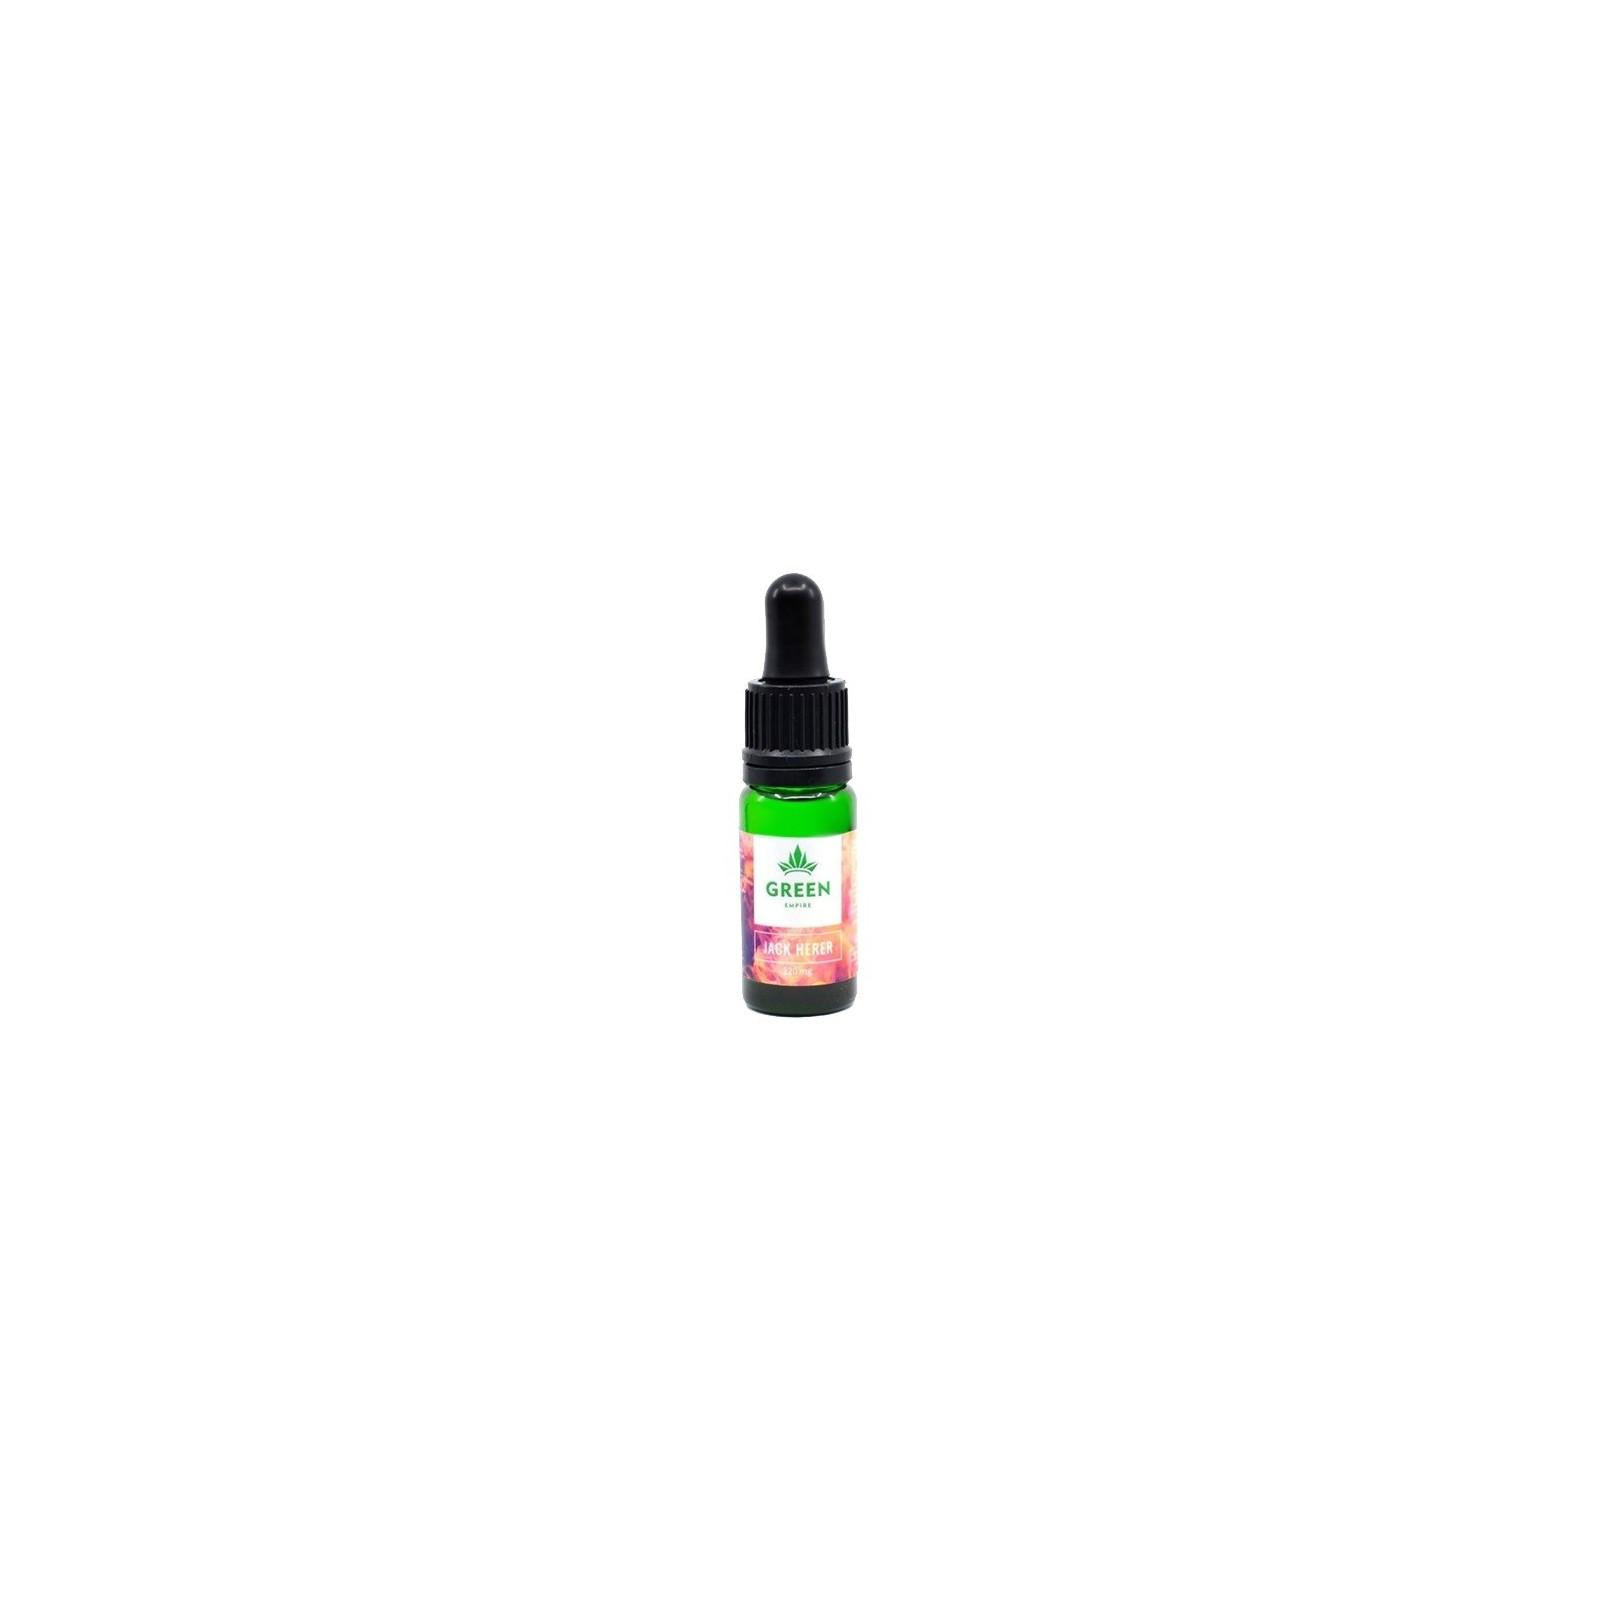 Jack herer - Green empire